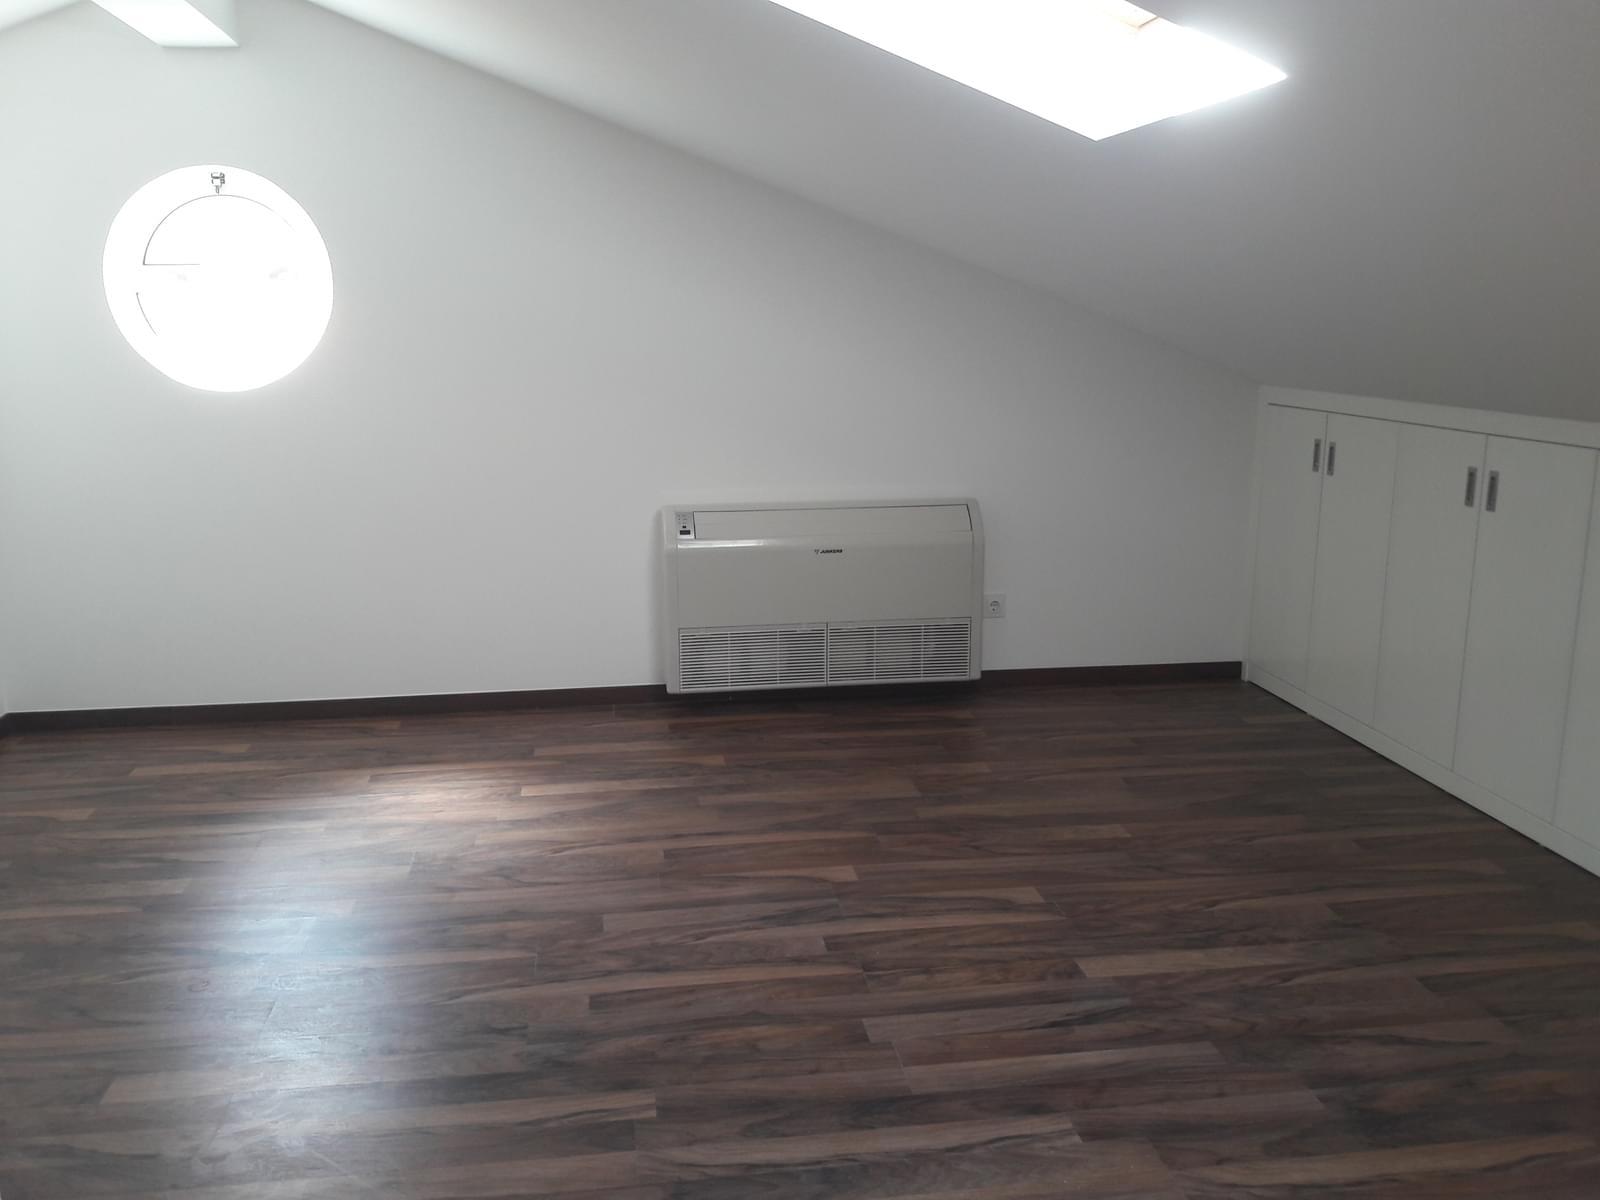 pf18025-apartamento-t3-408f3adf-6b60-49cd-afd9-3f108d46e5ff